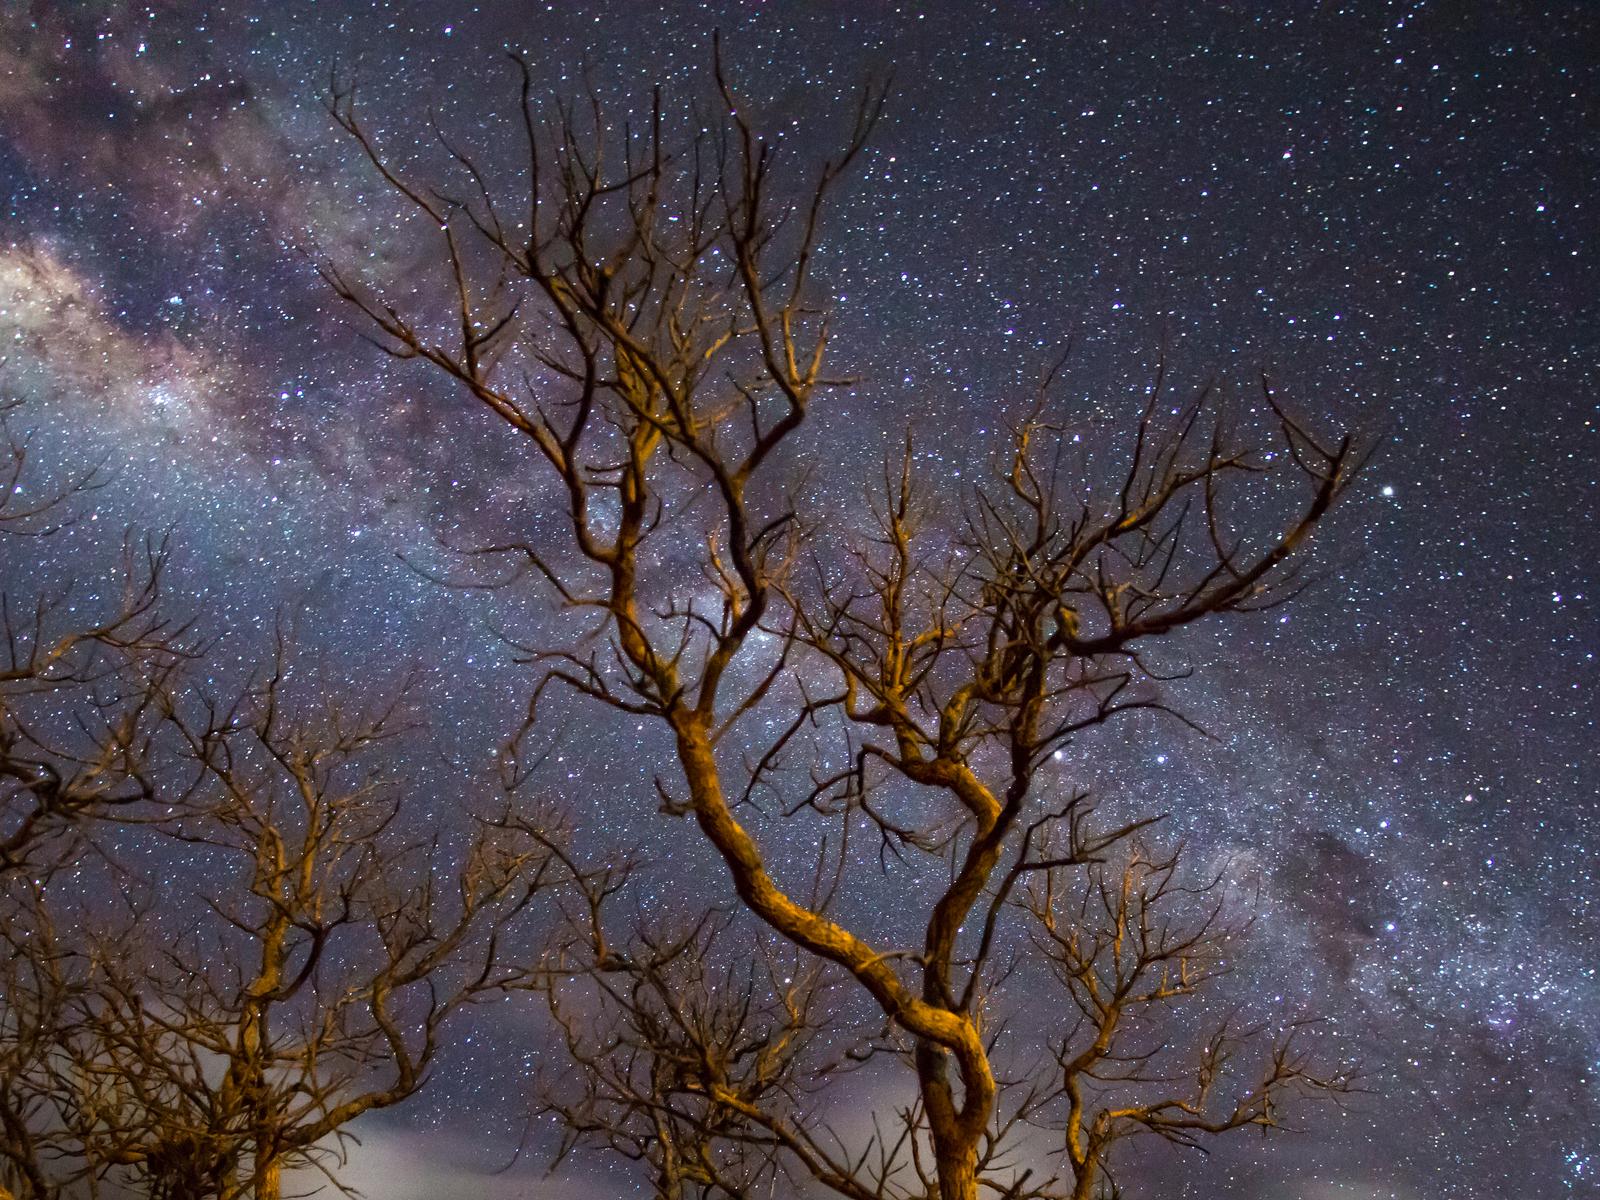 milky-way-galaxy-tree-dark-4k-x0.jpg